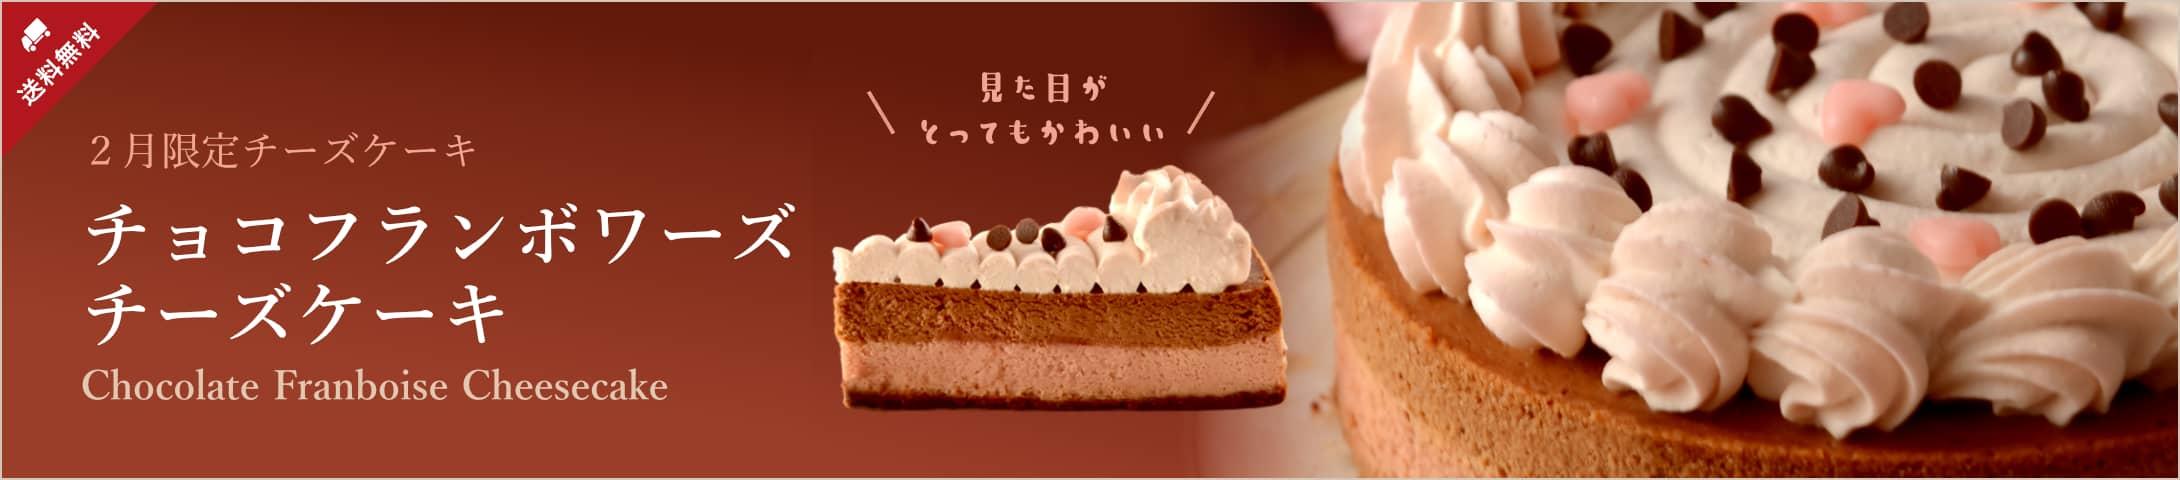 チョコフランボワーズチーズケーキ